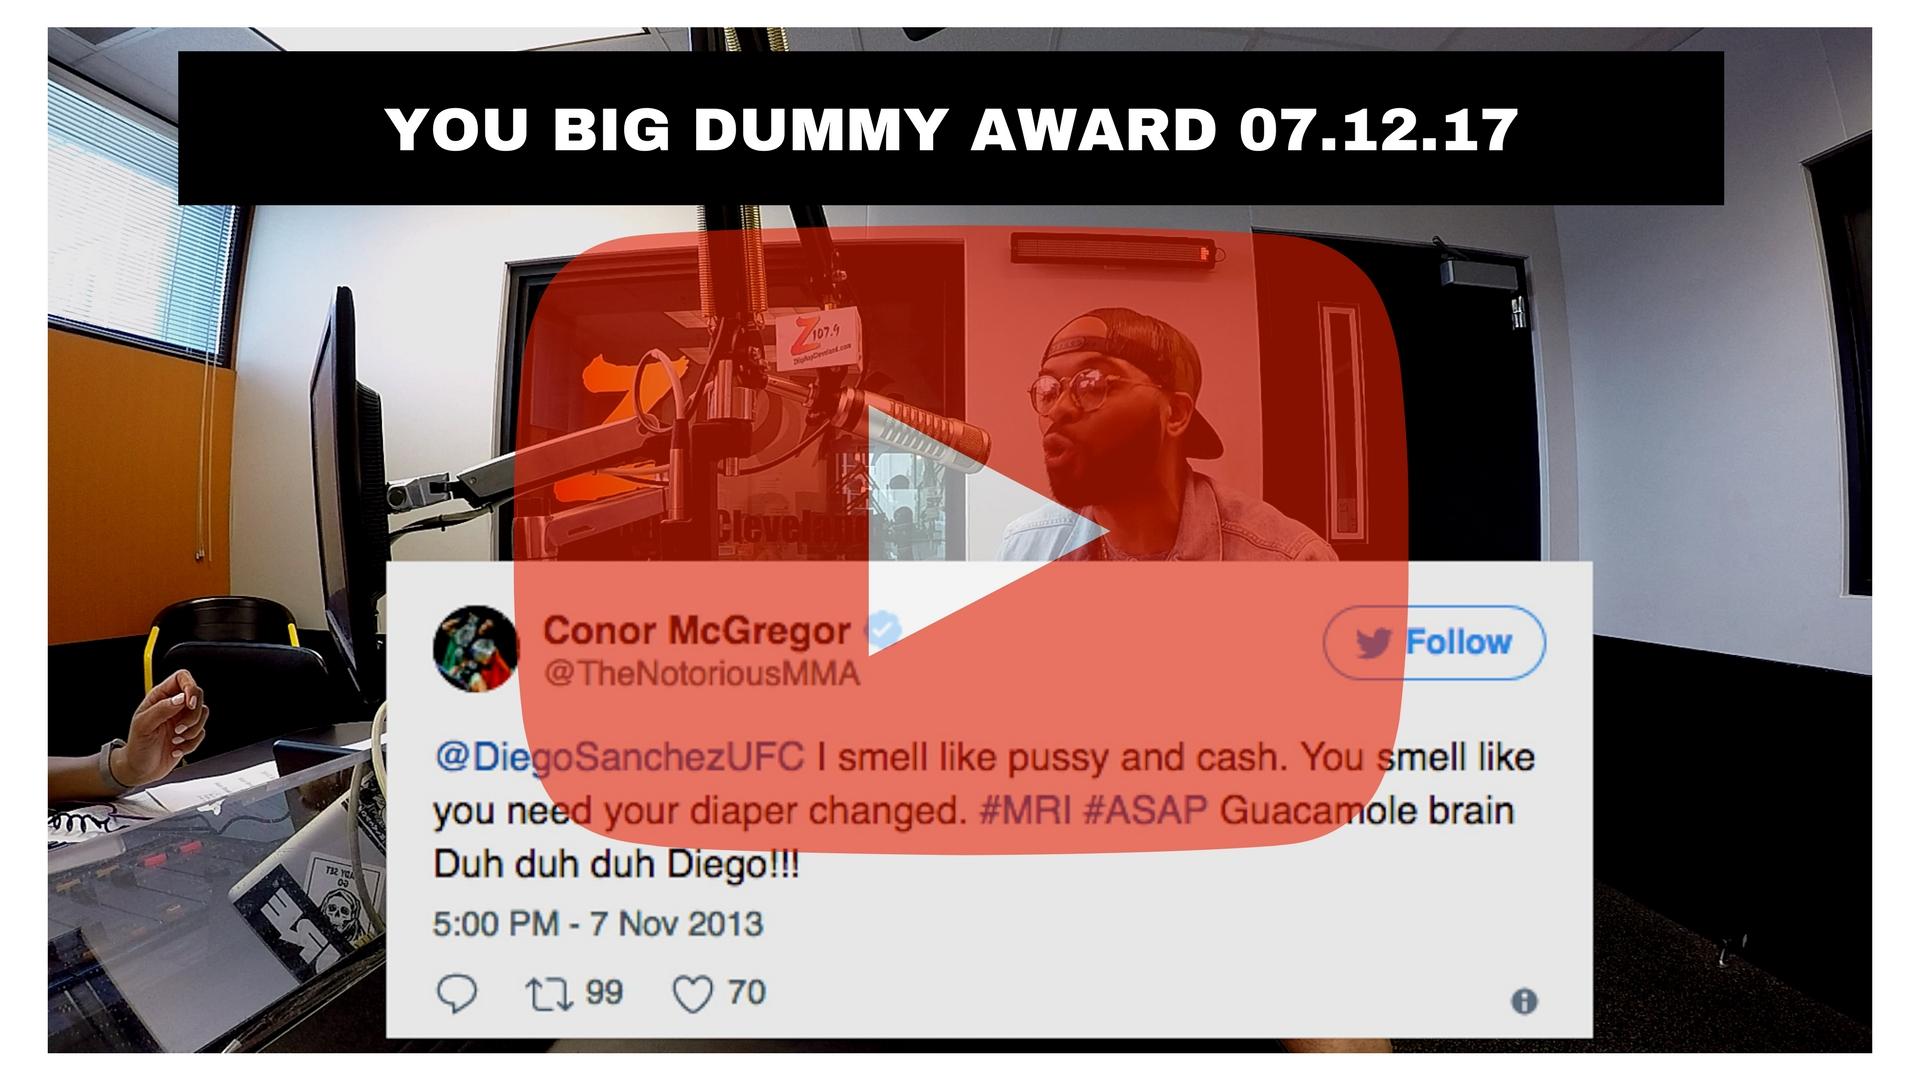 YOU BIG DUMMY AWARD 07.12.17